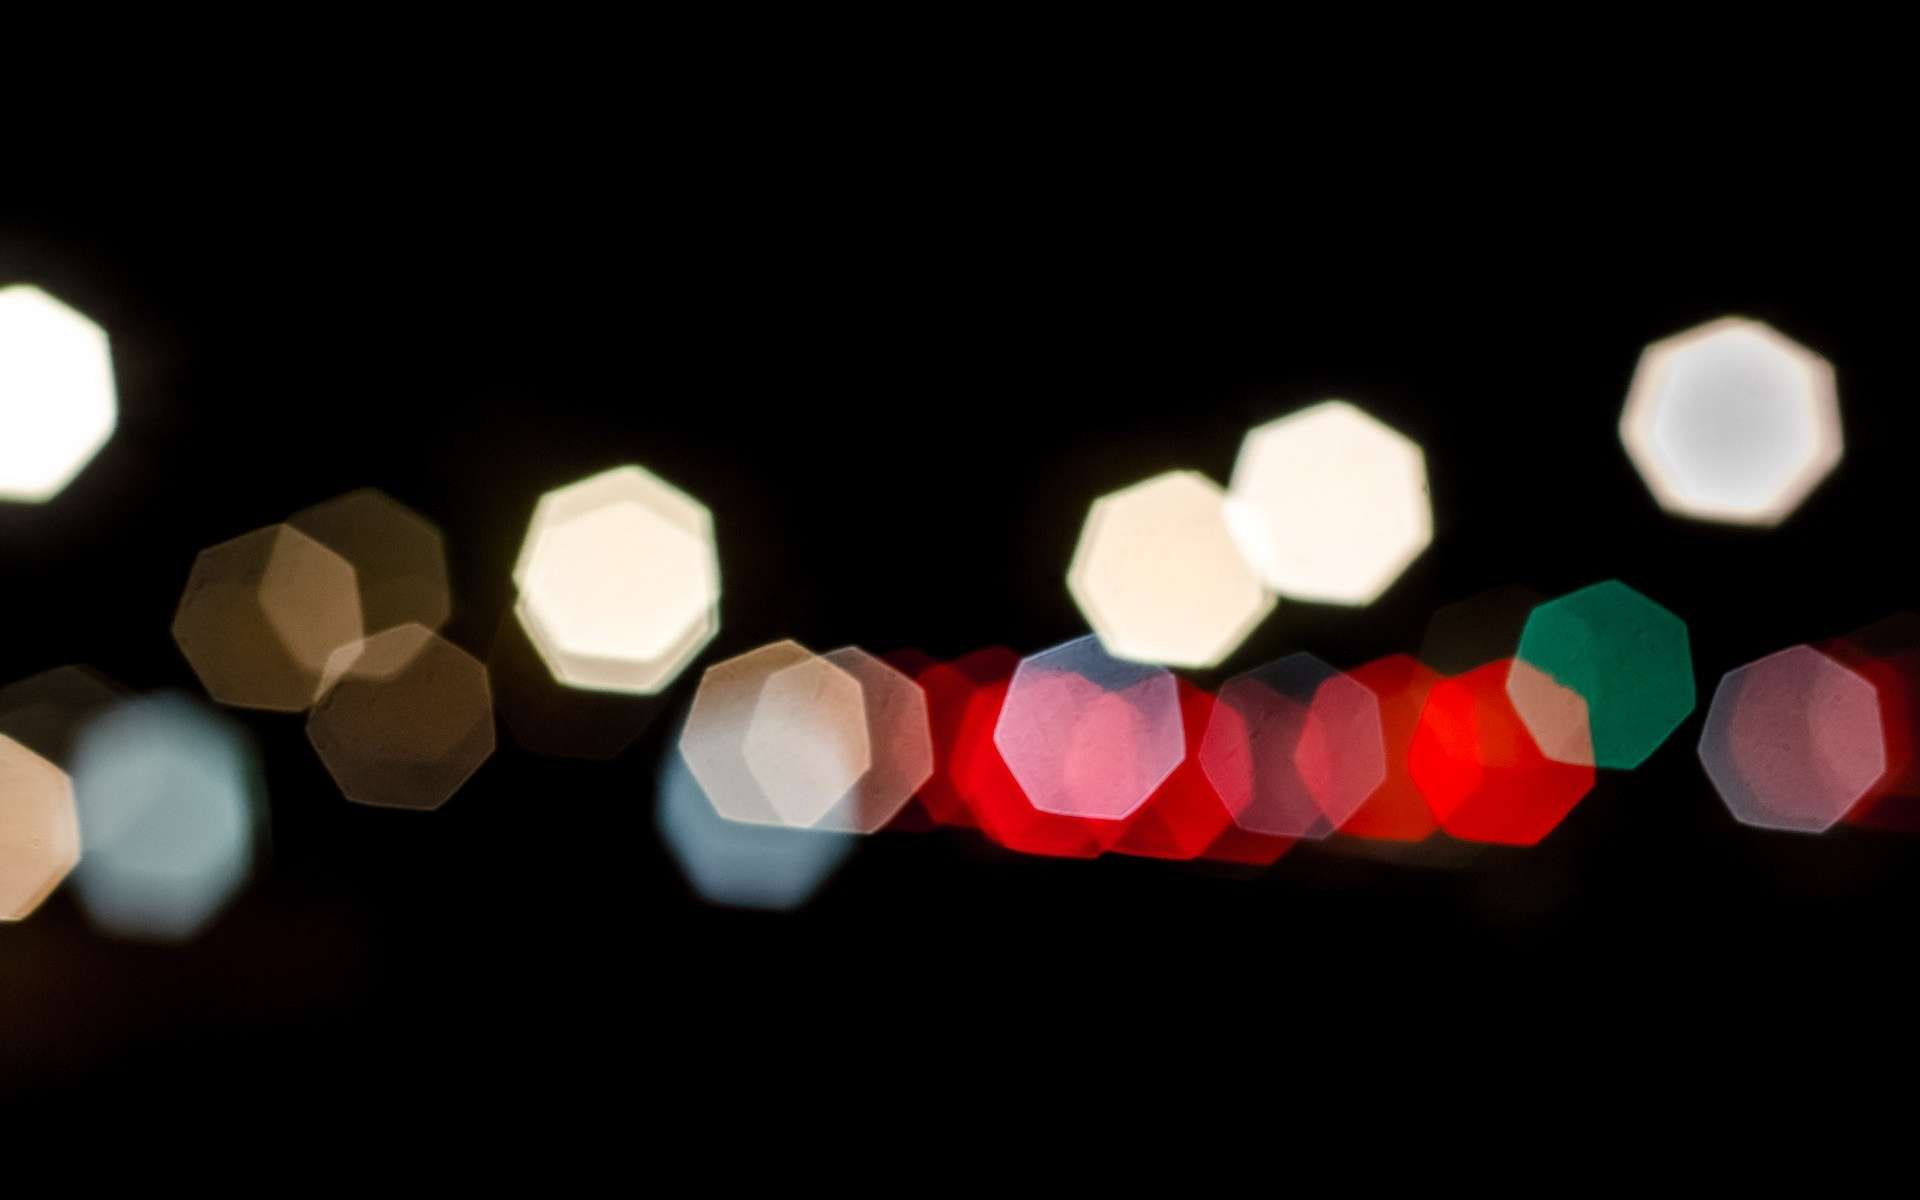 Un réseau neuronal reconstruit la vidéo à partir de l'enregistrement des ombres créées. © SkitterPhoto, Pixabay